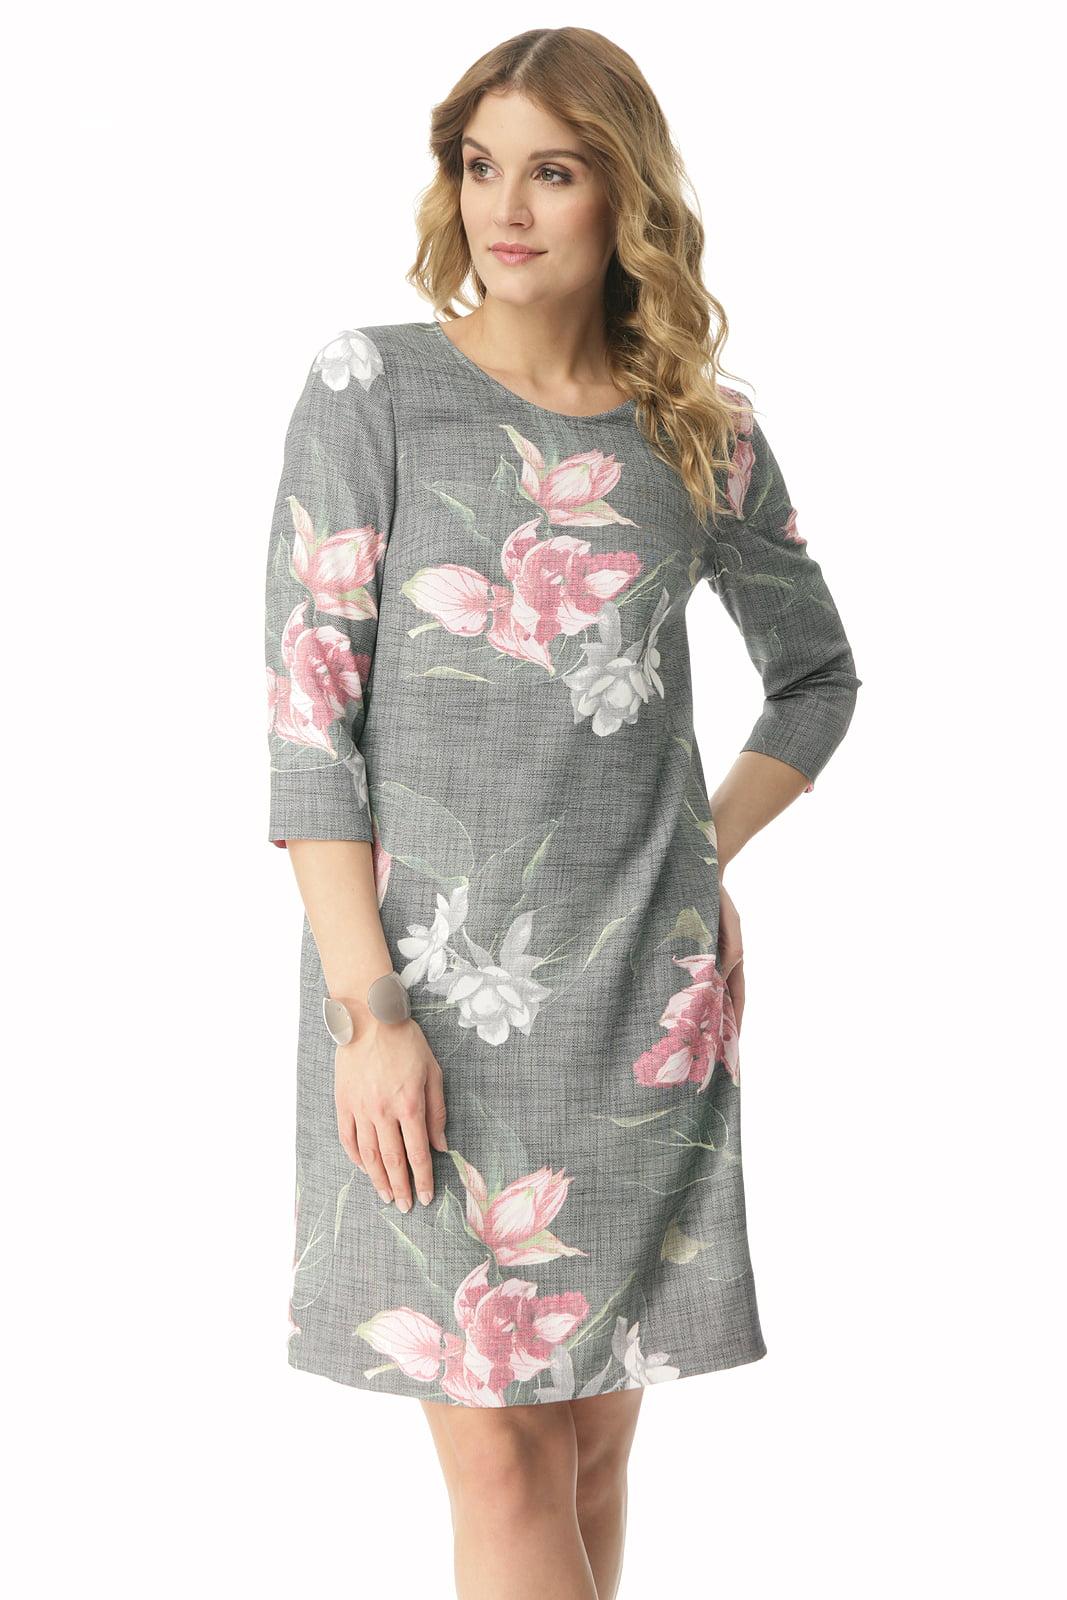 2b28a68841 Klasyczna sukienka w kwiaty Sandra - Modesta - ponad 30 lat na rynku